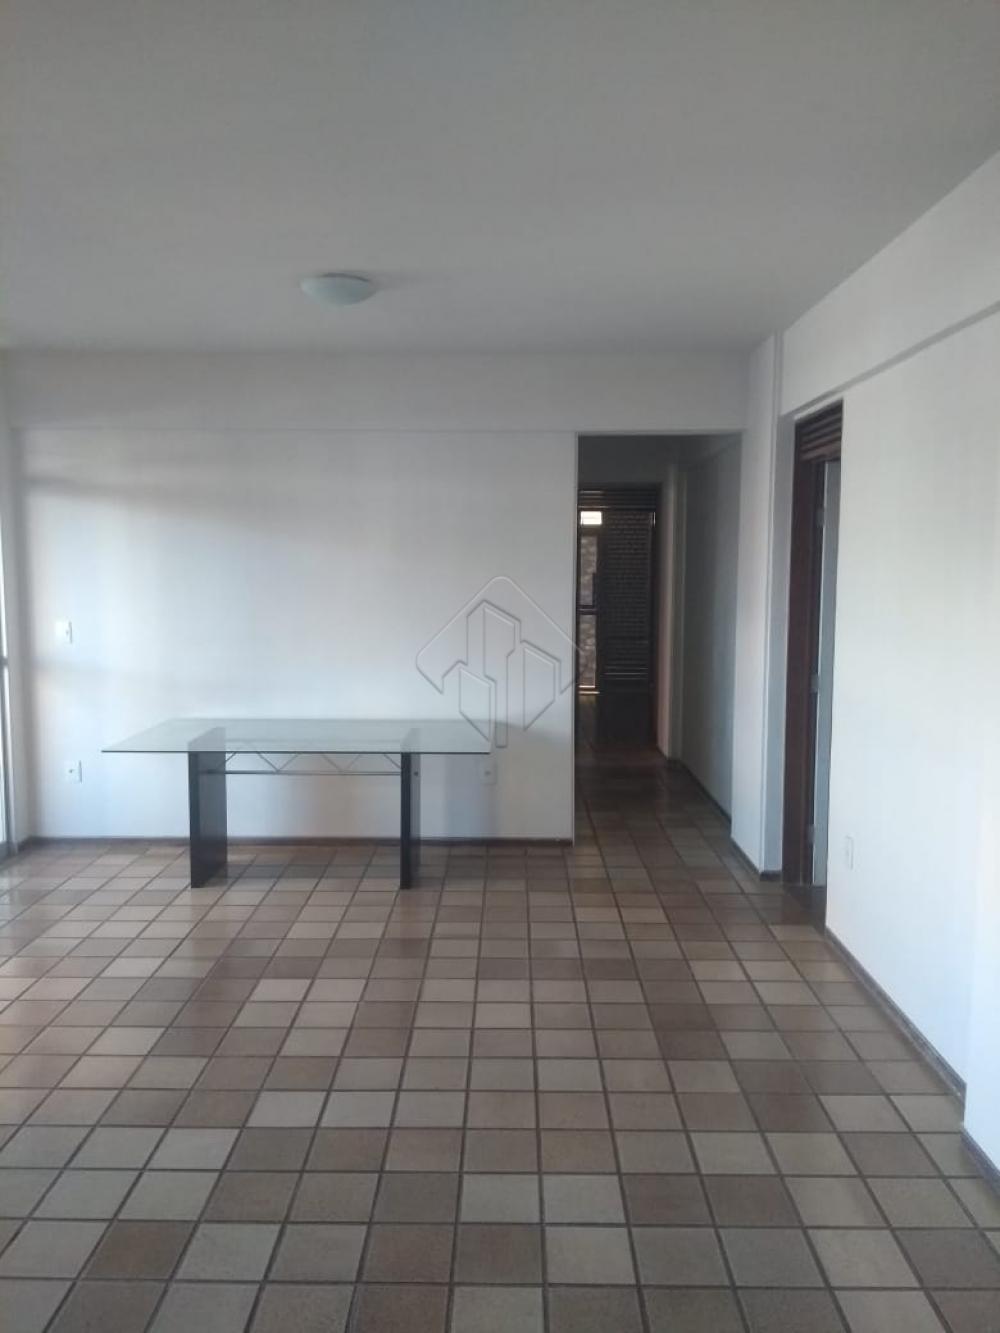 Comprar Apartamento / Padrão em João Pessoa apenas R$ 300.000,00 - Foto 46